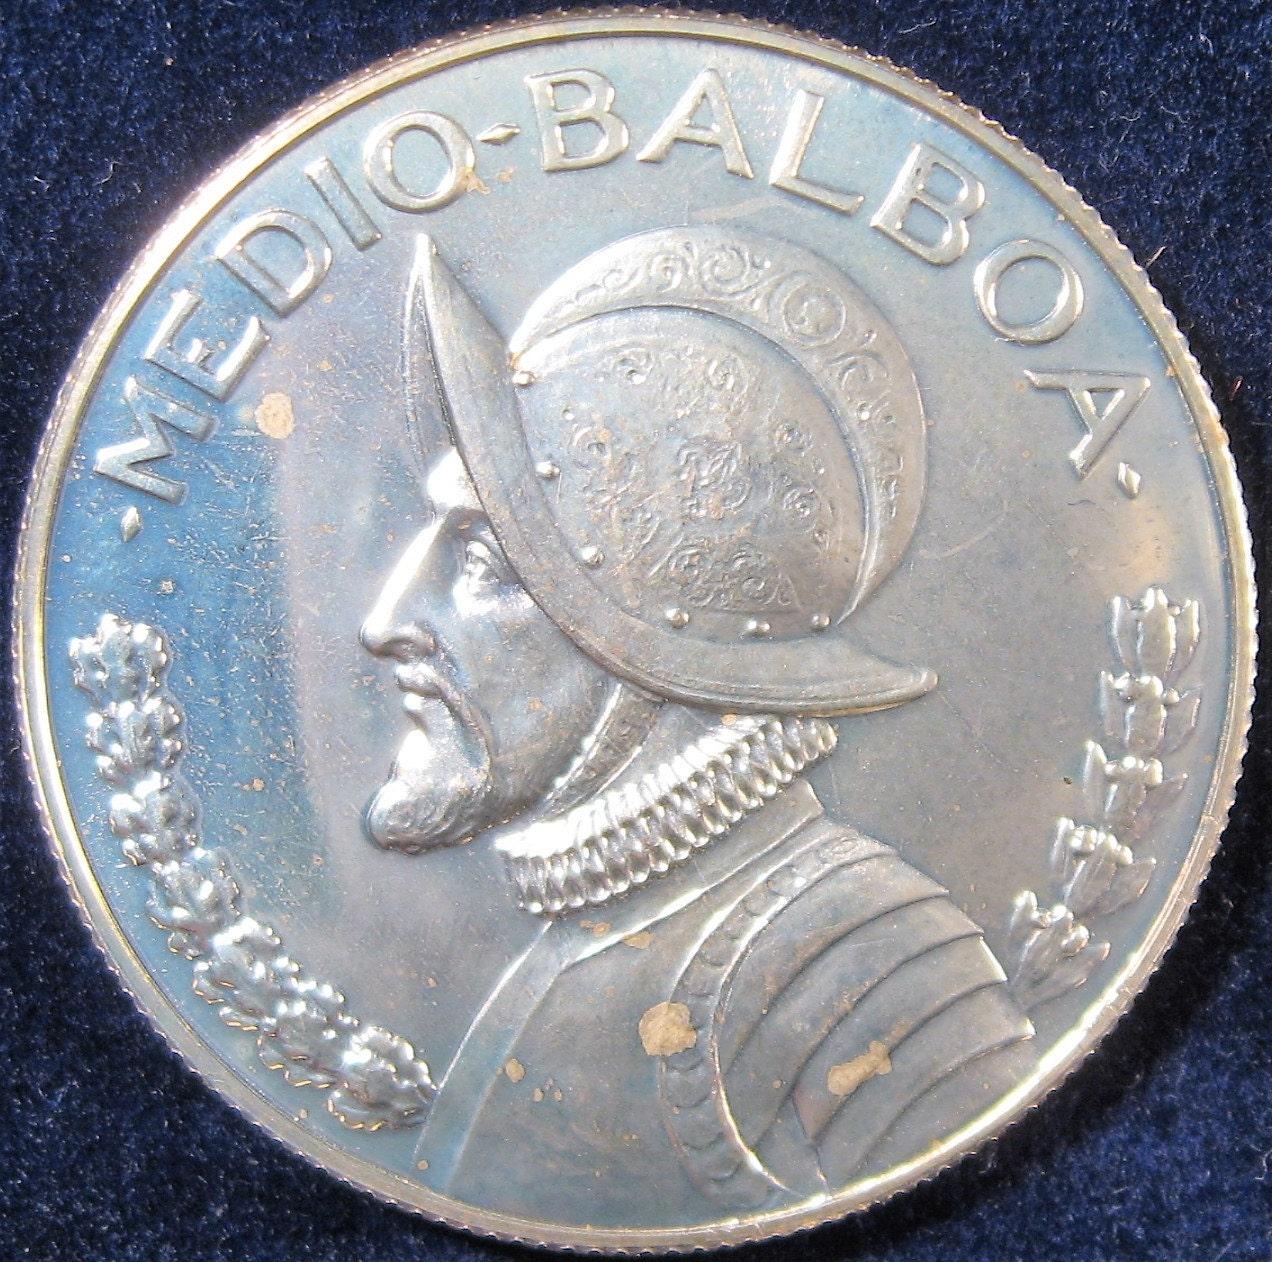 1970 Panama Silver Coin Medio Balboa Silver Coin Half Balboa